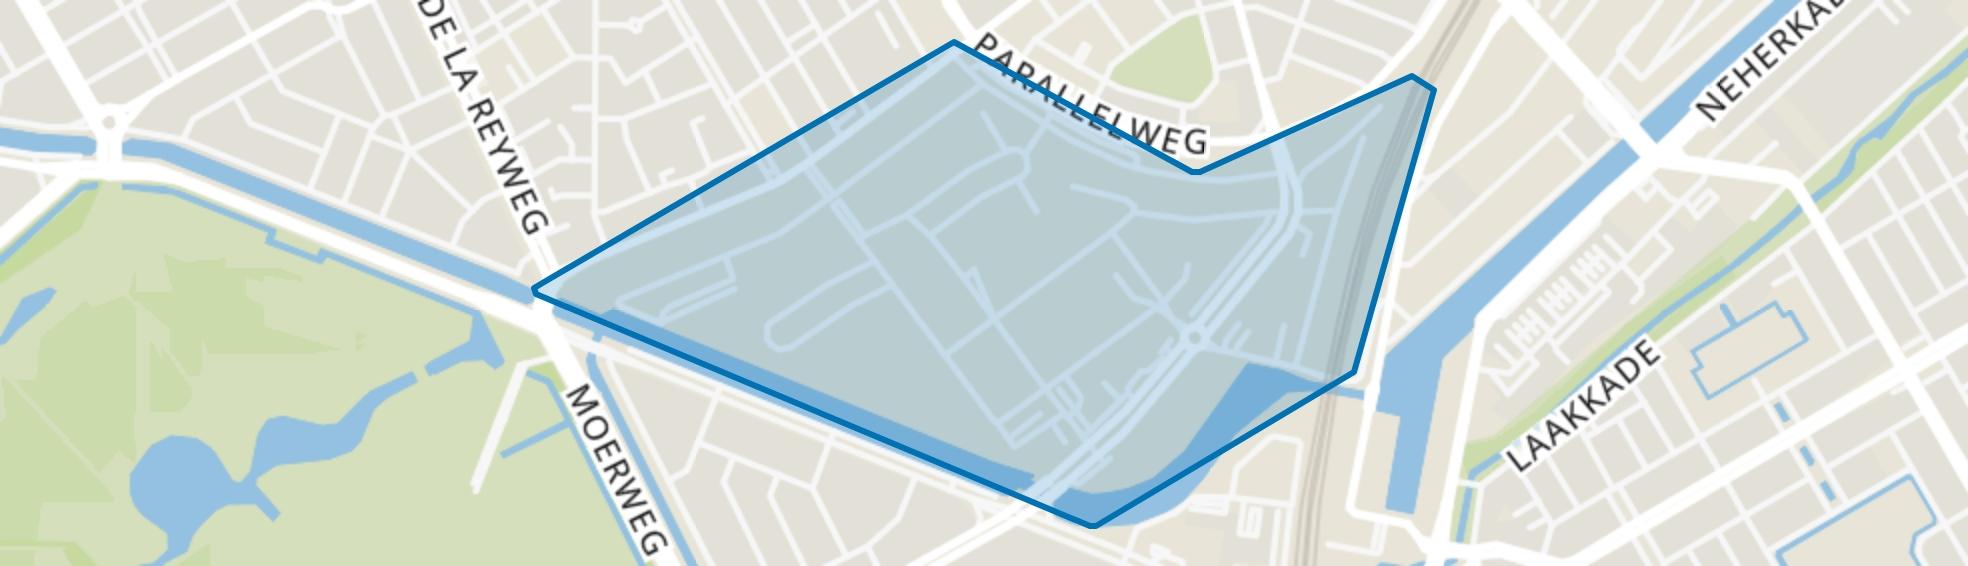 Groente- en Fruitmarkt, Den Haag map